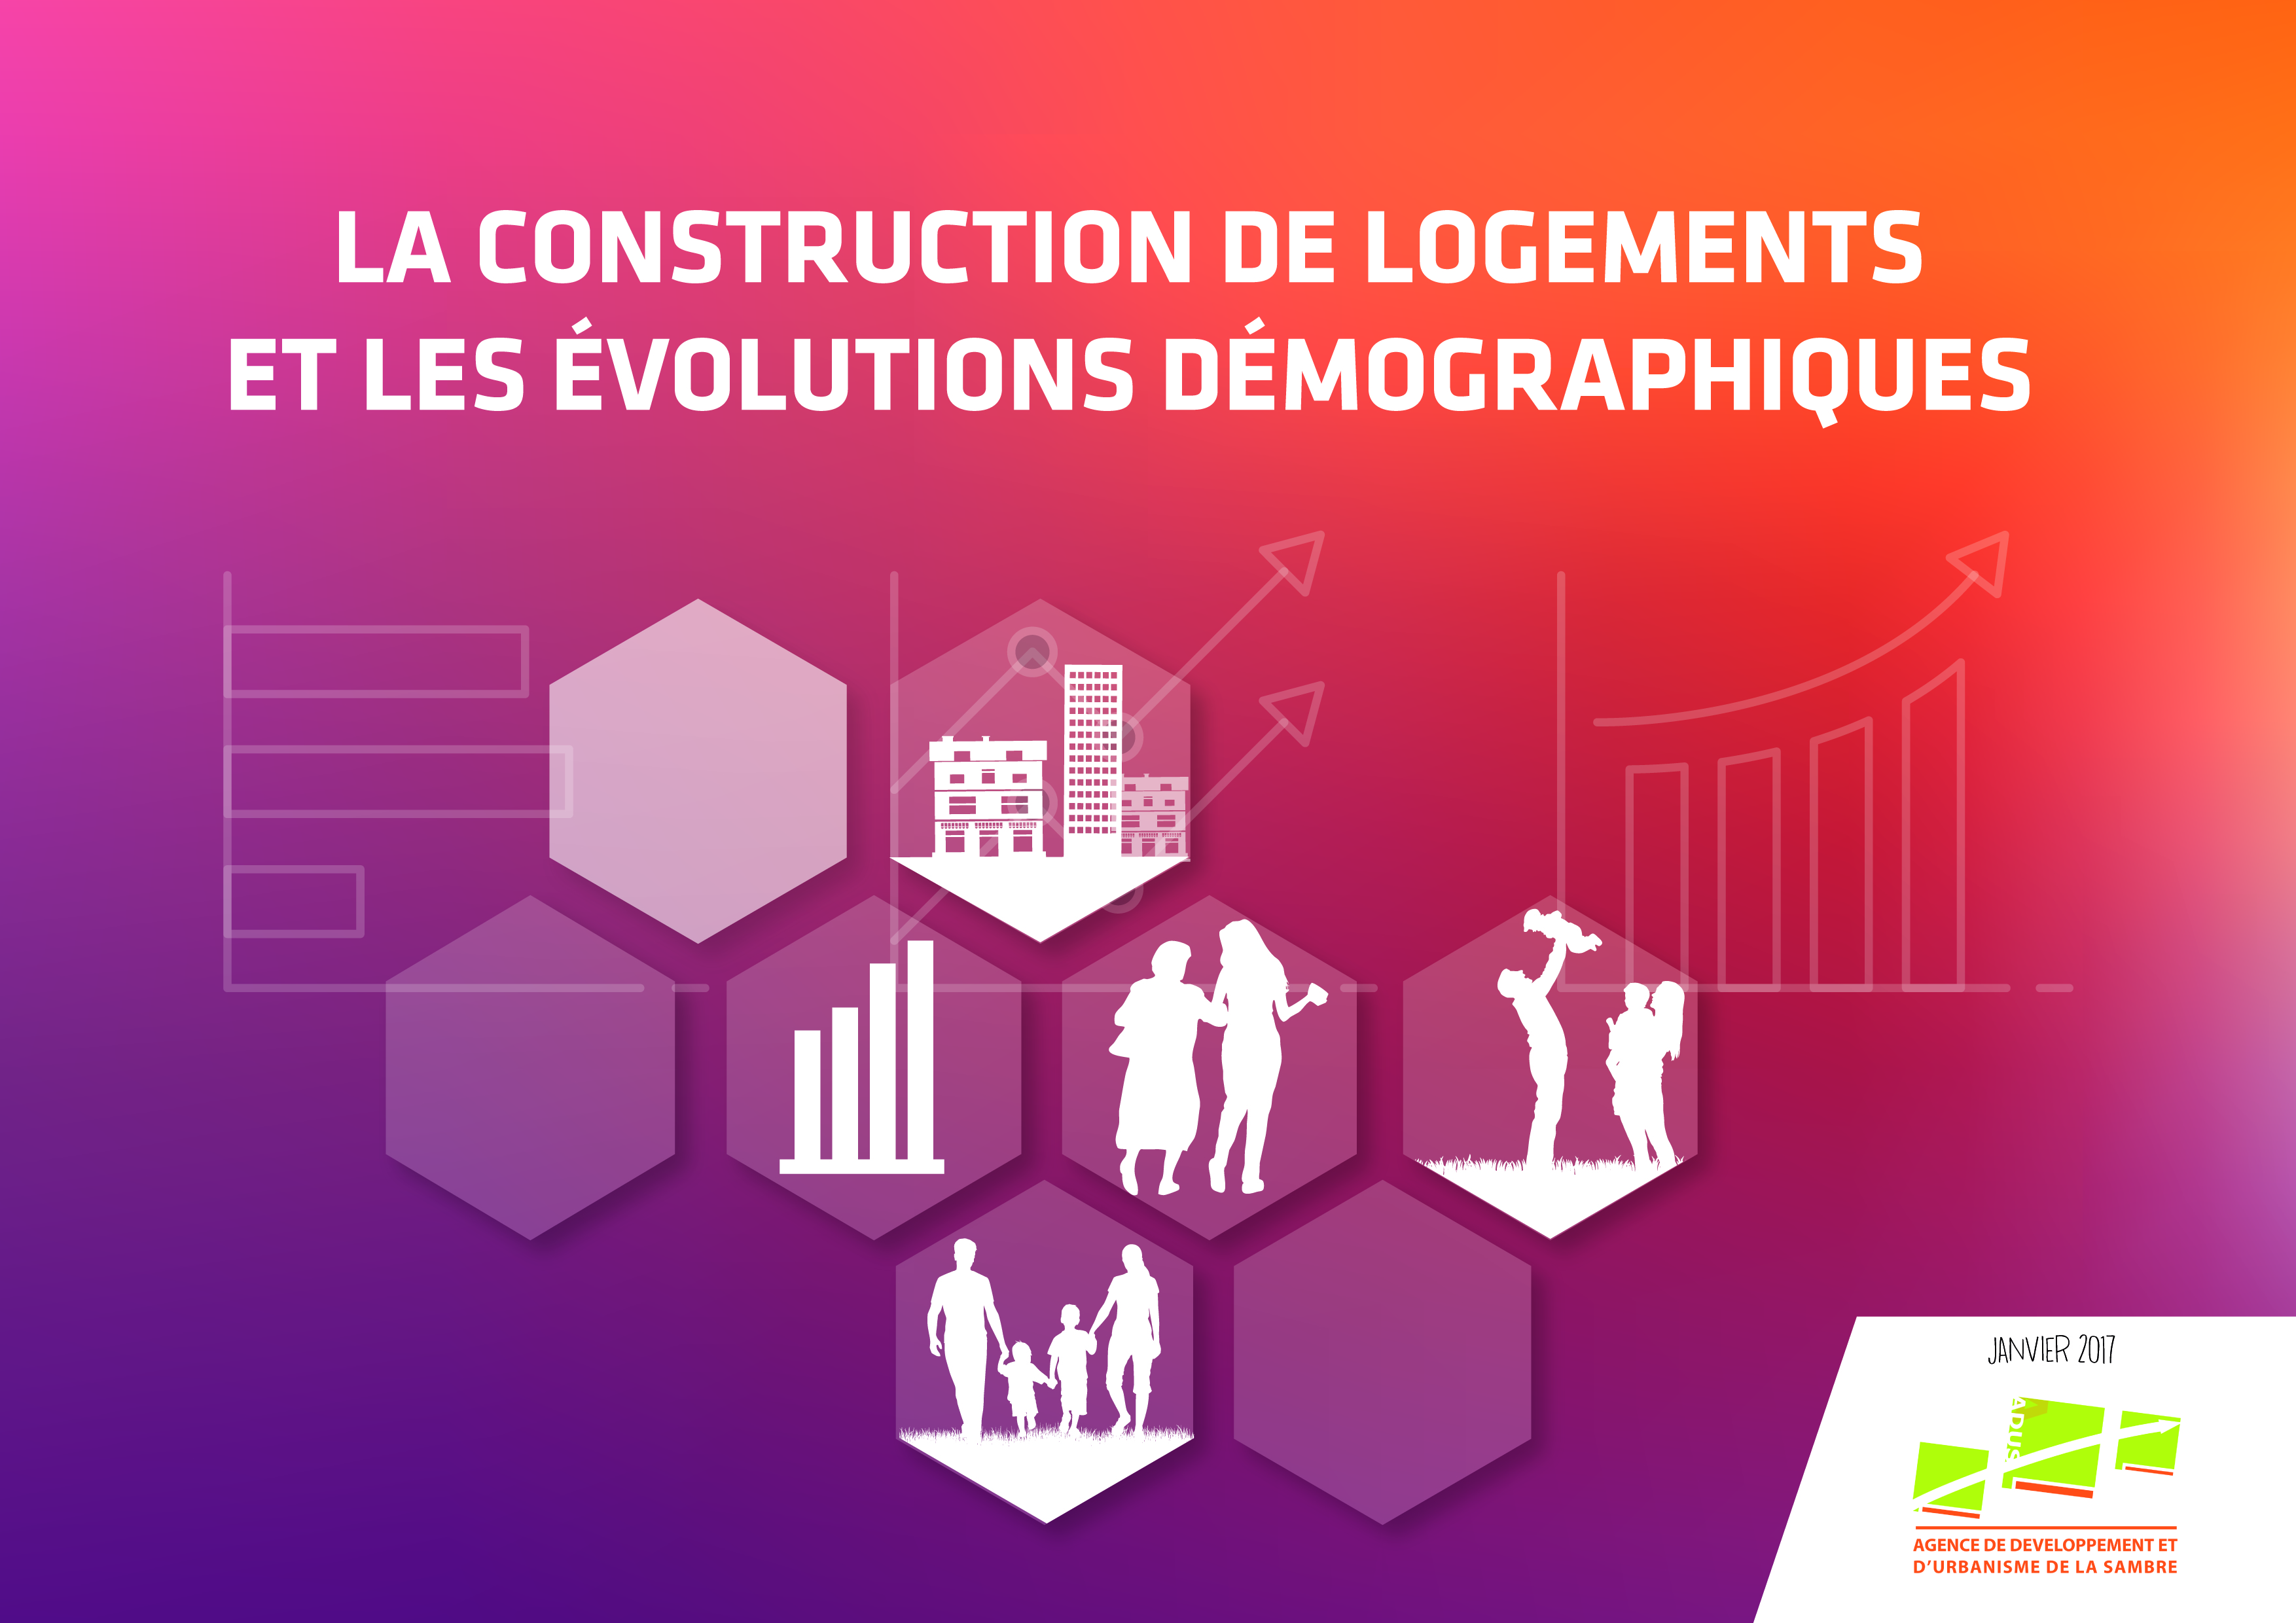 Couverture Obs la construction de logements et les évolutions démographiques-01